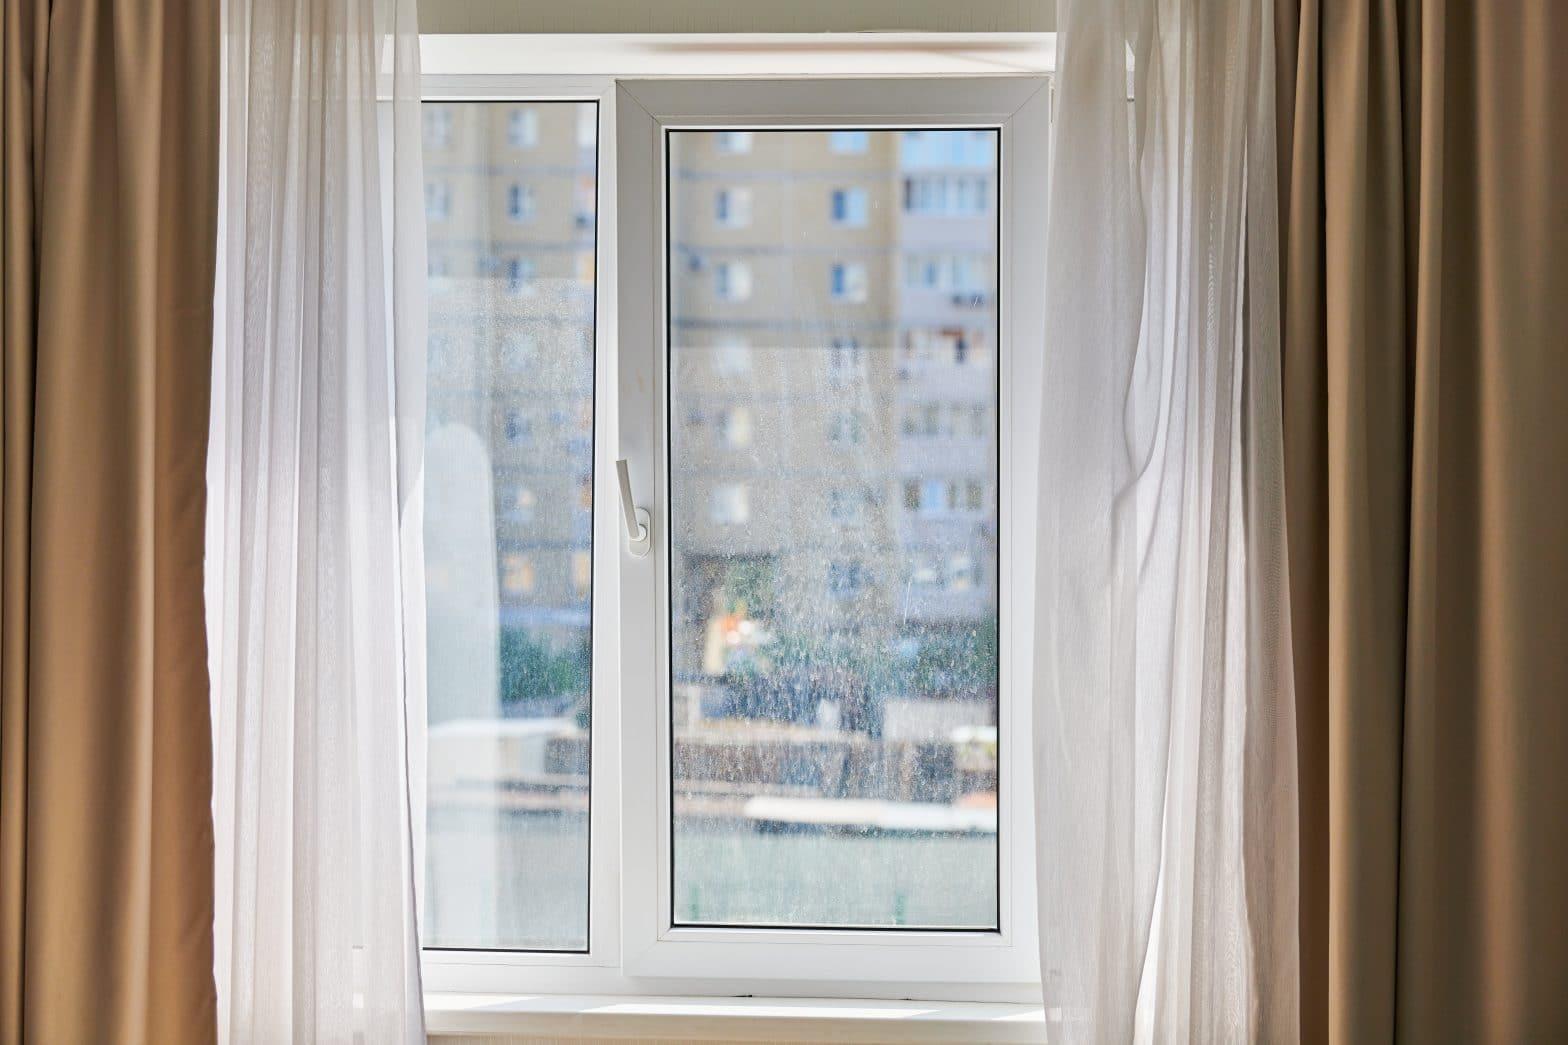 cuanto cuesta cambiar ventanas